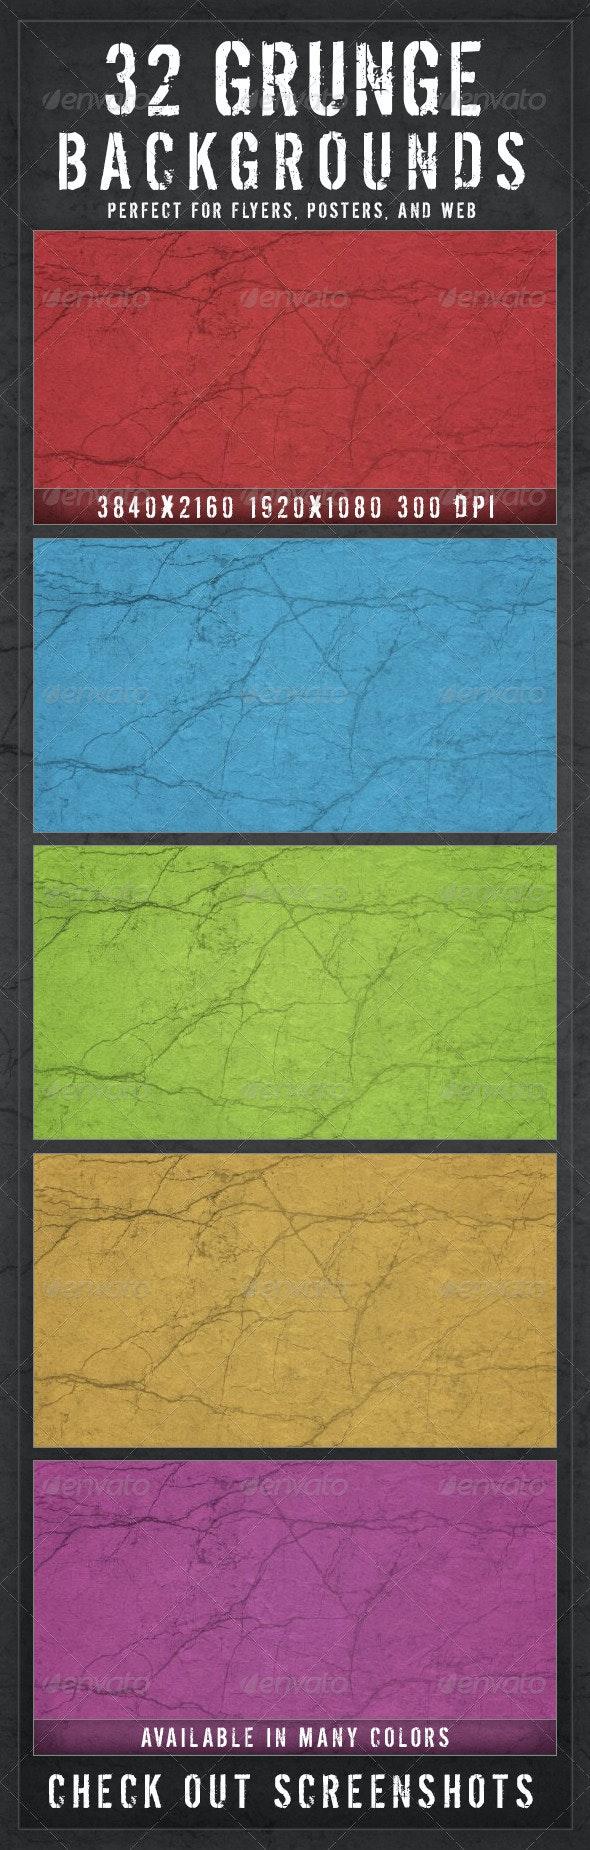 32 Modern Grunge Backgrounds V2.0 - Backgrounds Graphics